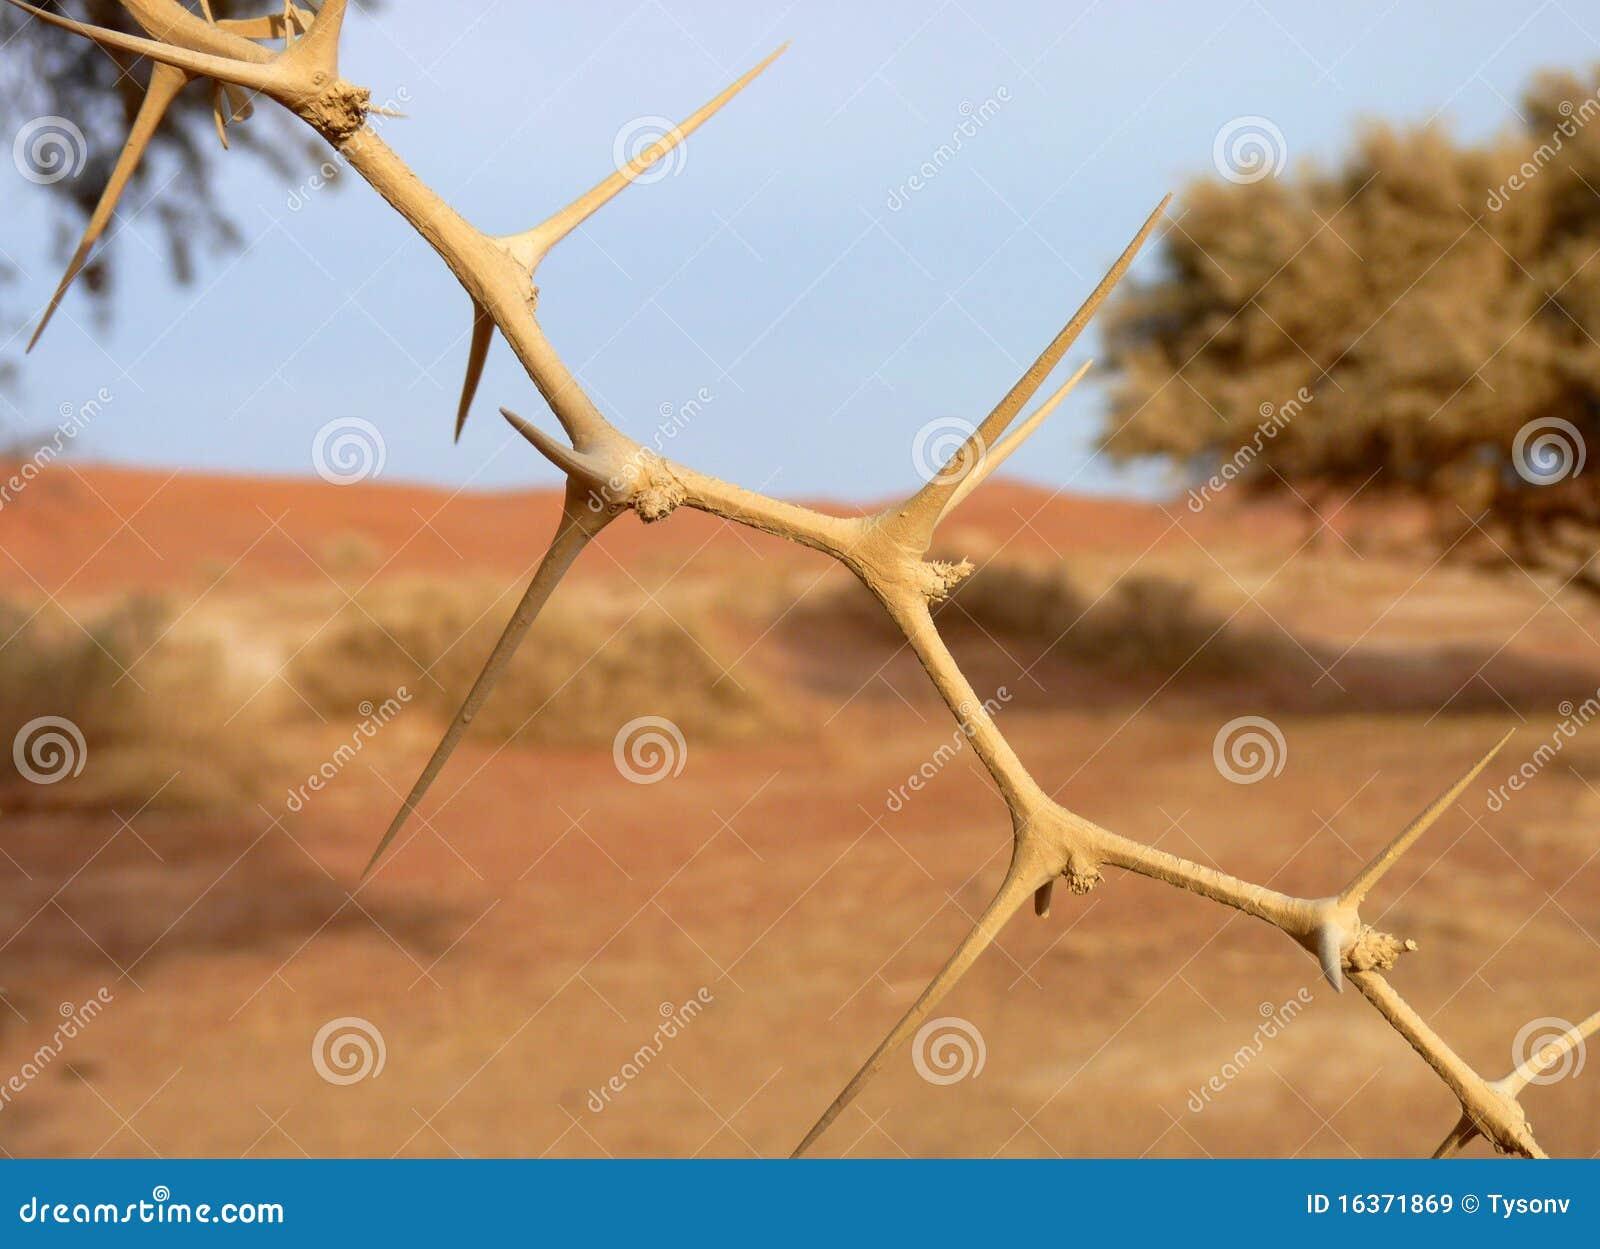 δέντρο ακακιών